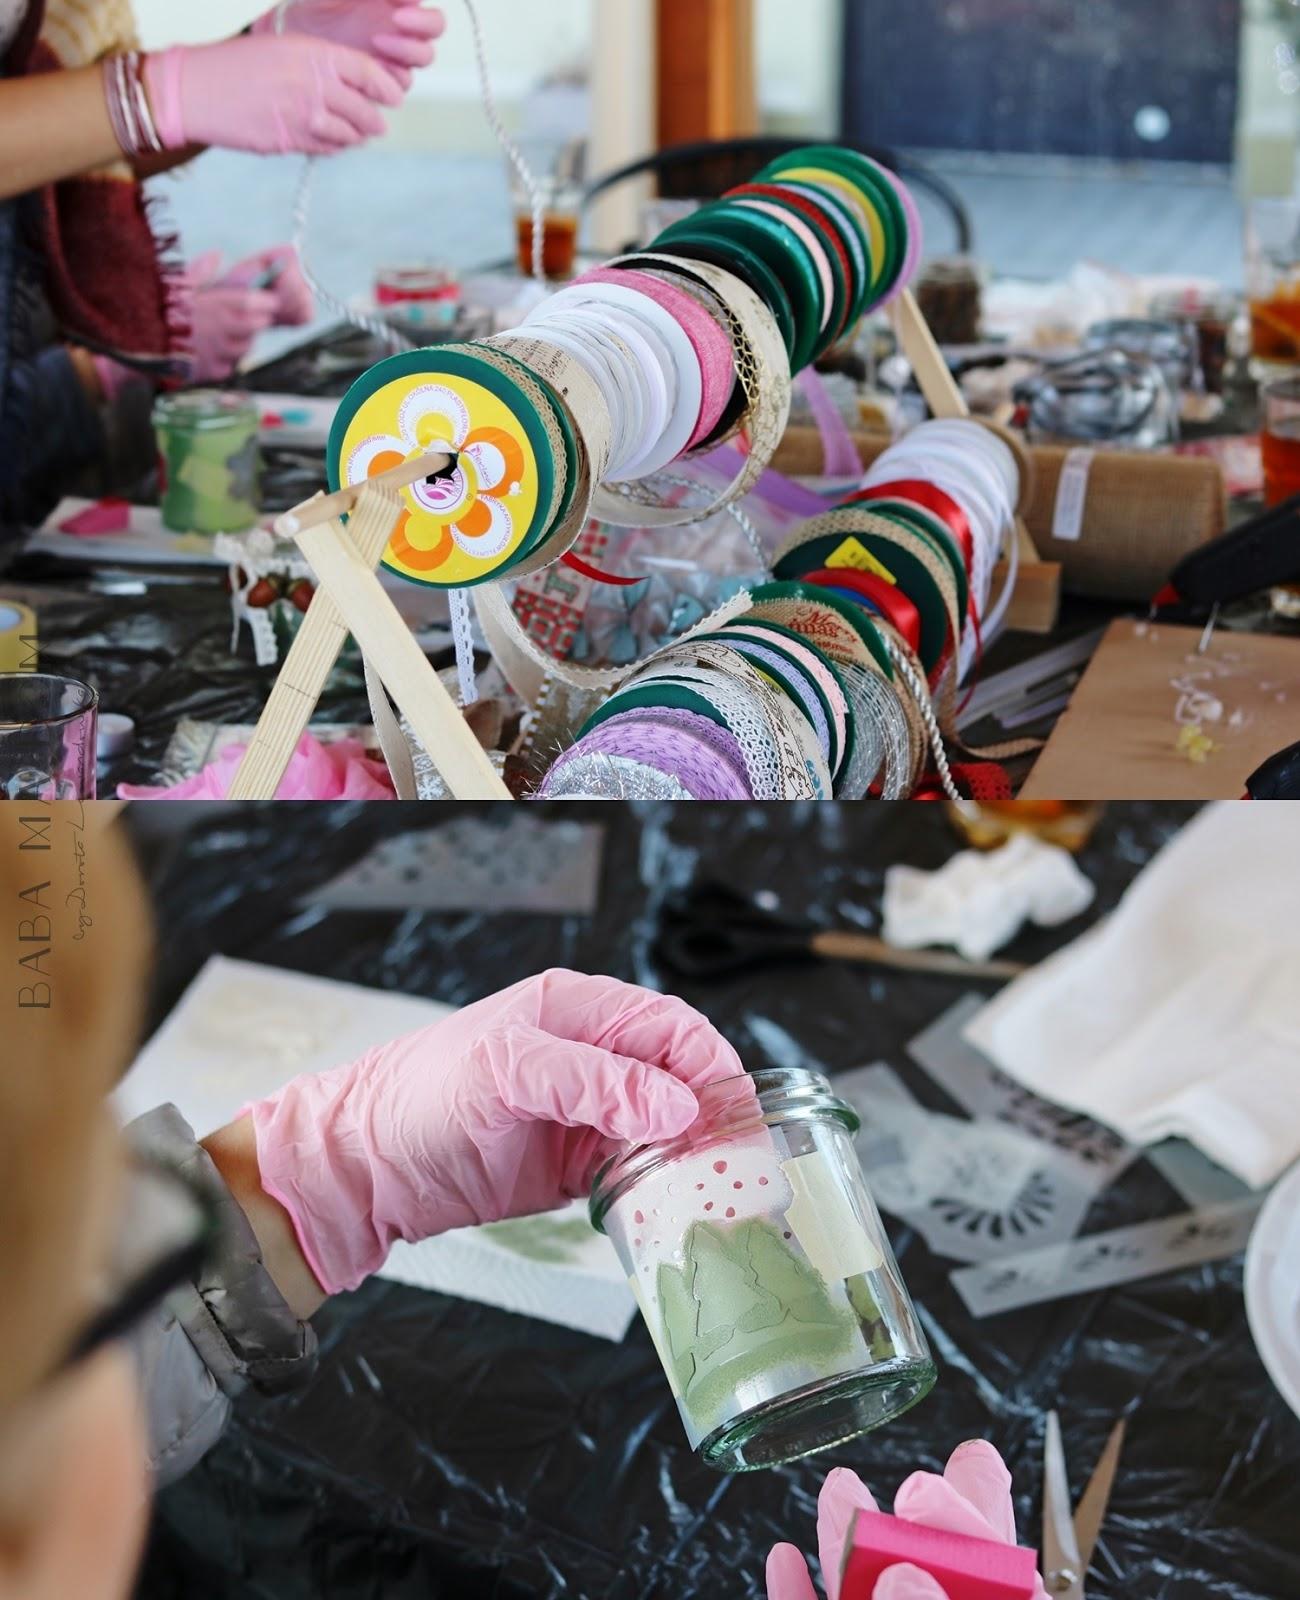 chalk, DIY, doityourself, farba kredowa, featured, majsterkowanie, malowanie, szablon, warsztaty, zrób to sam, lampion, święta, choinka, ozdoba, natura, drewno